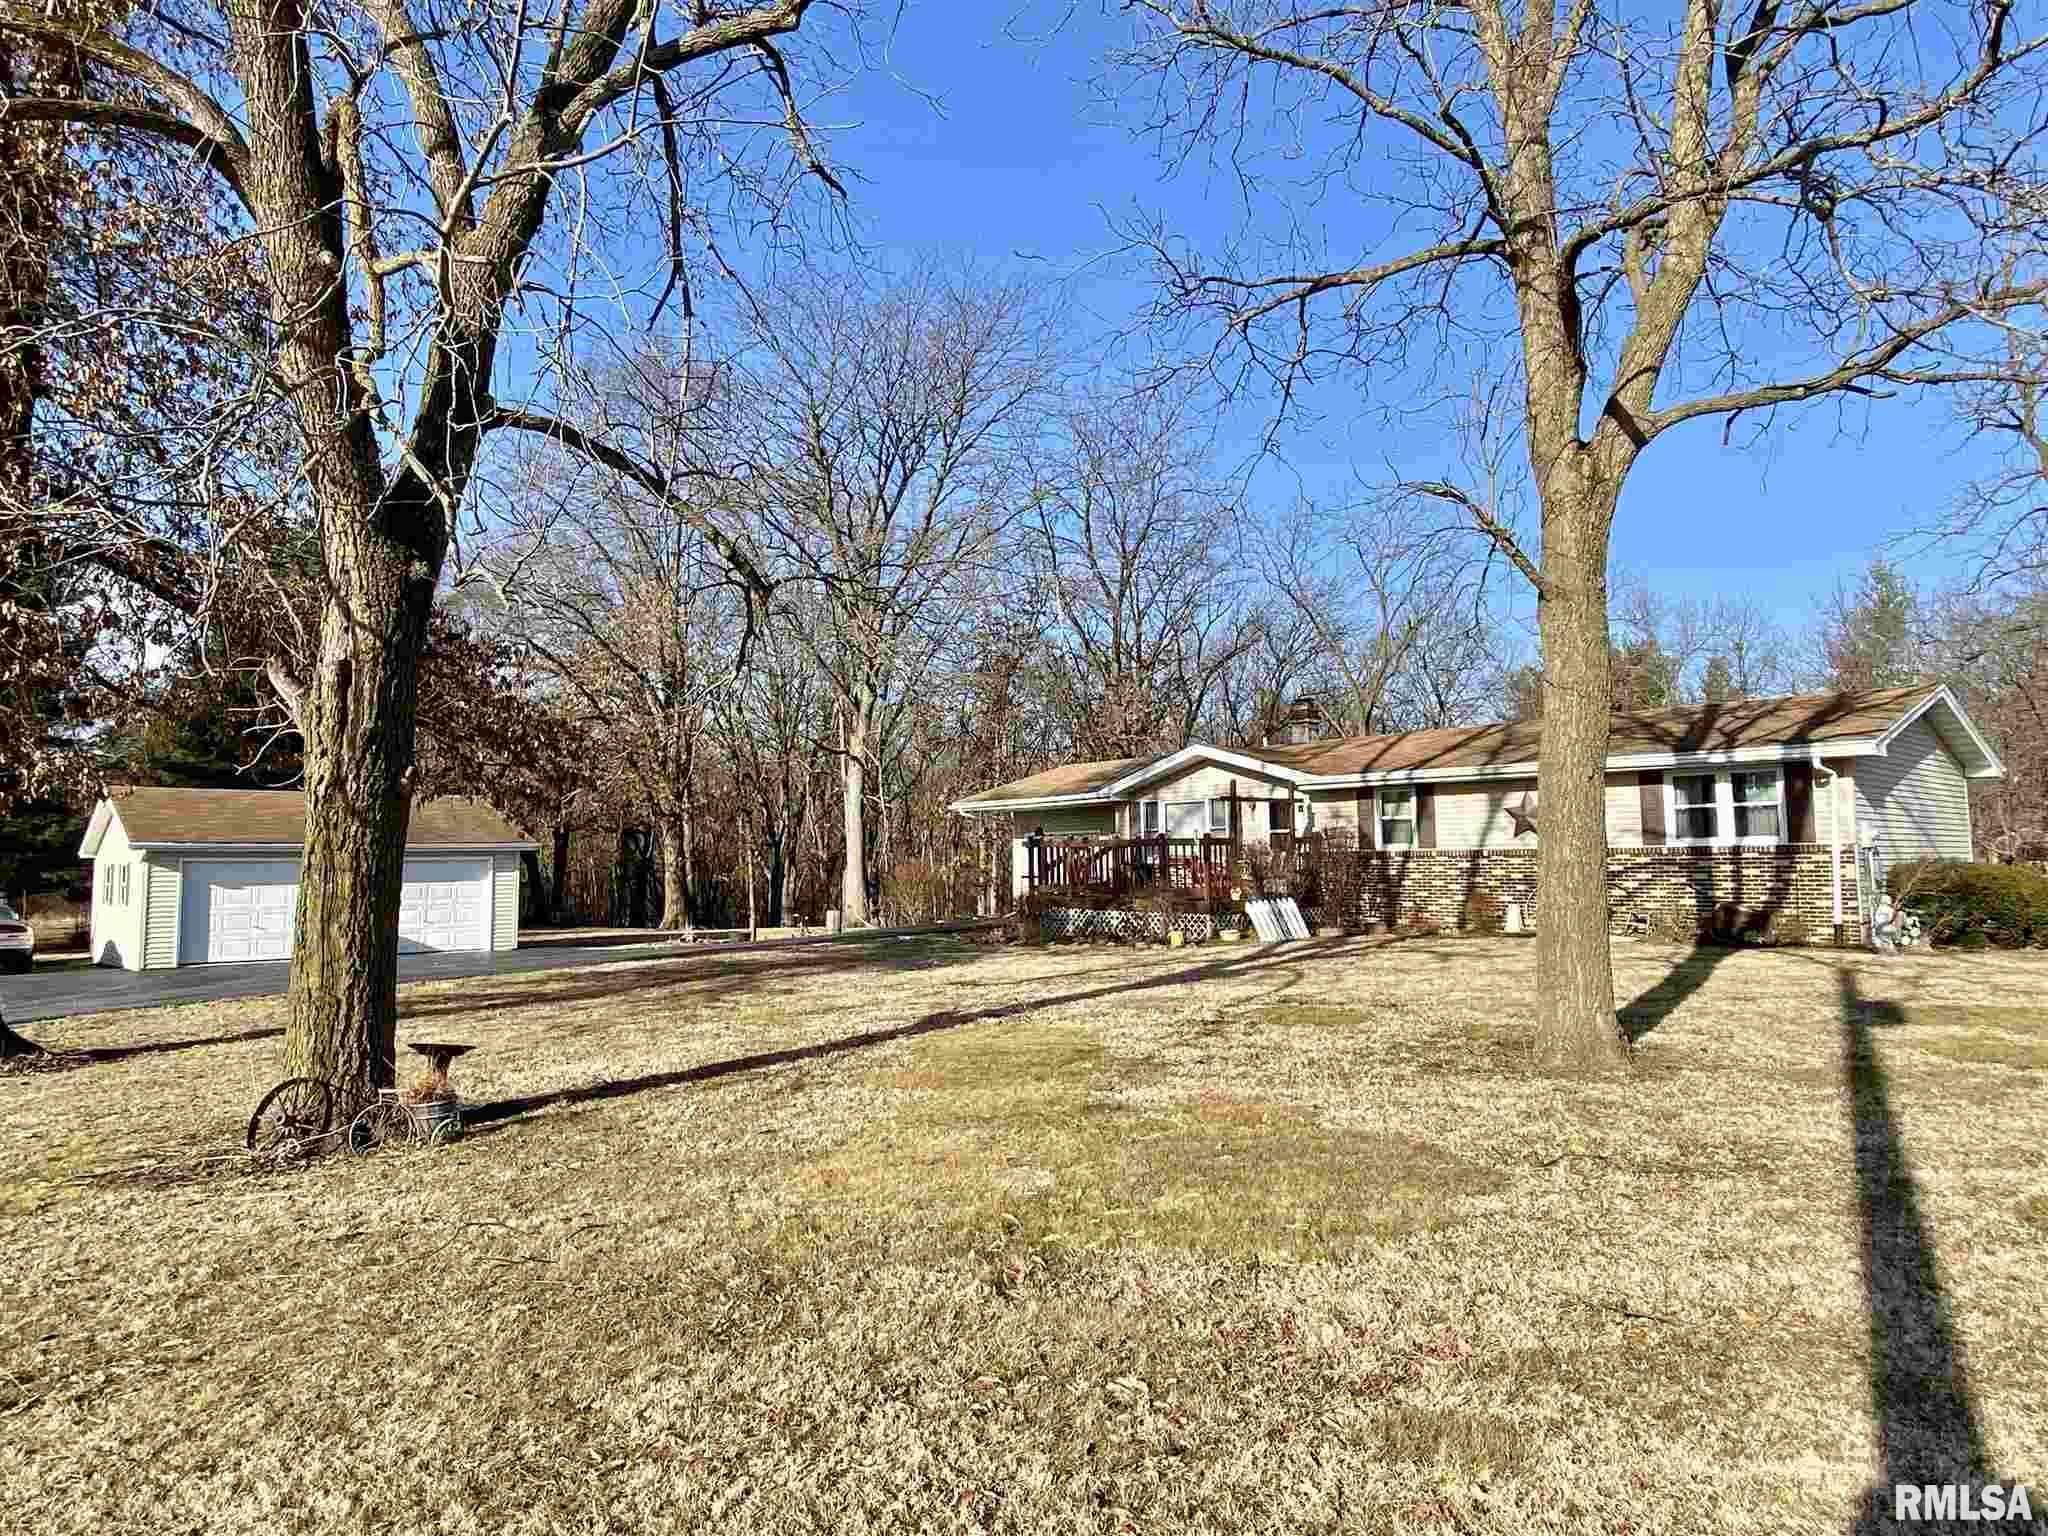 10640 E 850th Property Photo - Colchester, IL real estate listing